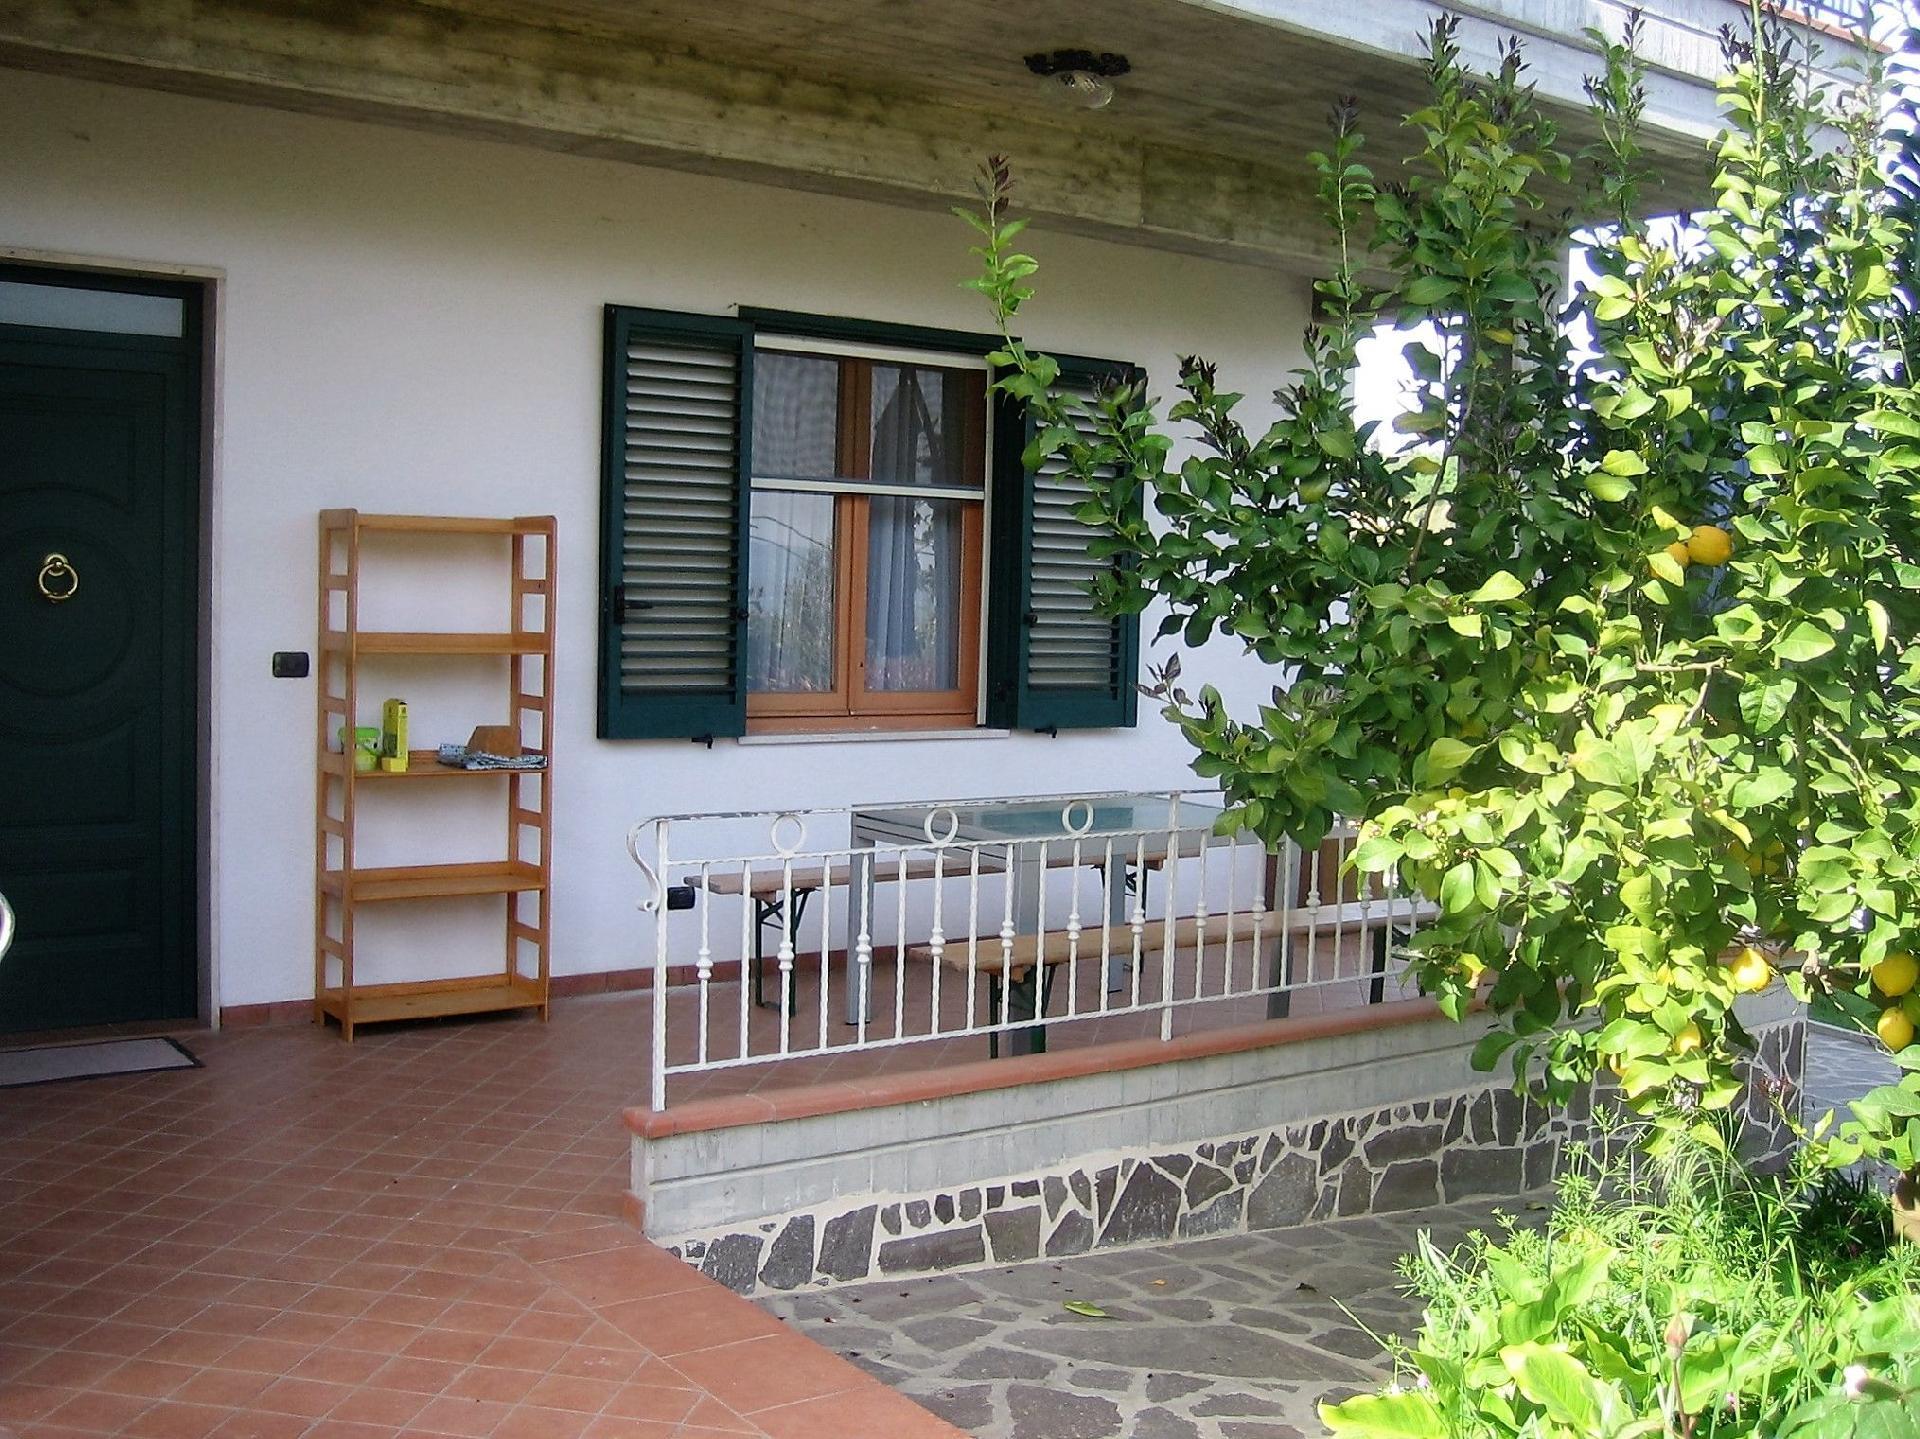 Ferienwohnung für 5 Personen  + 4 Kinder ca.   in Italien